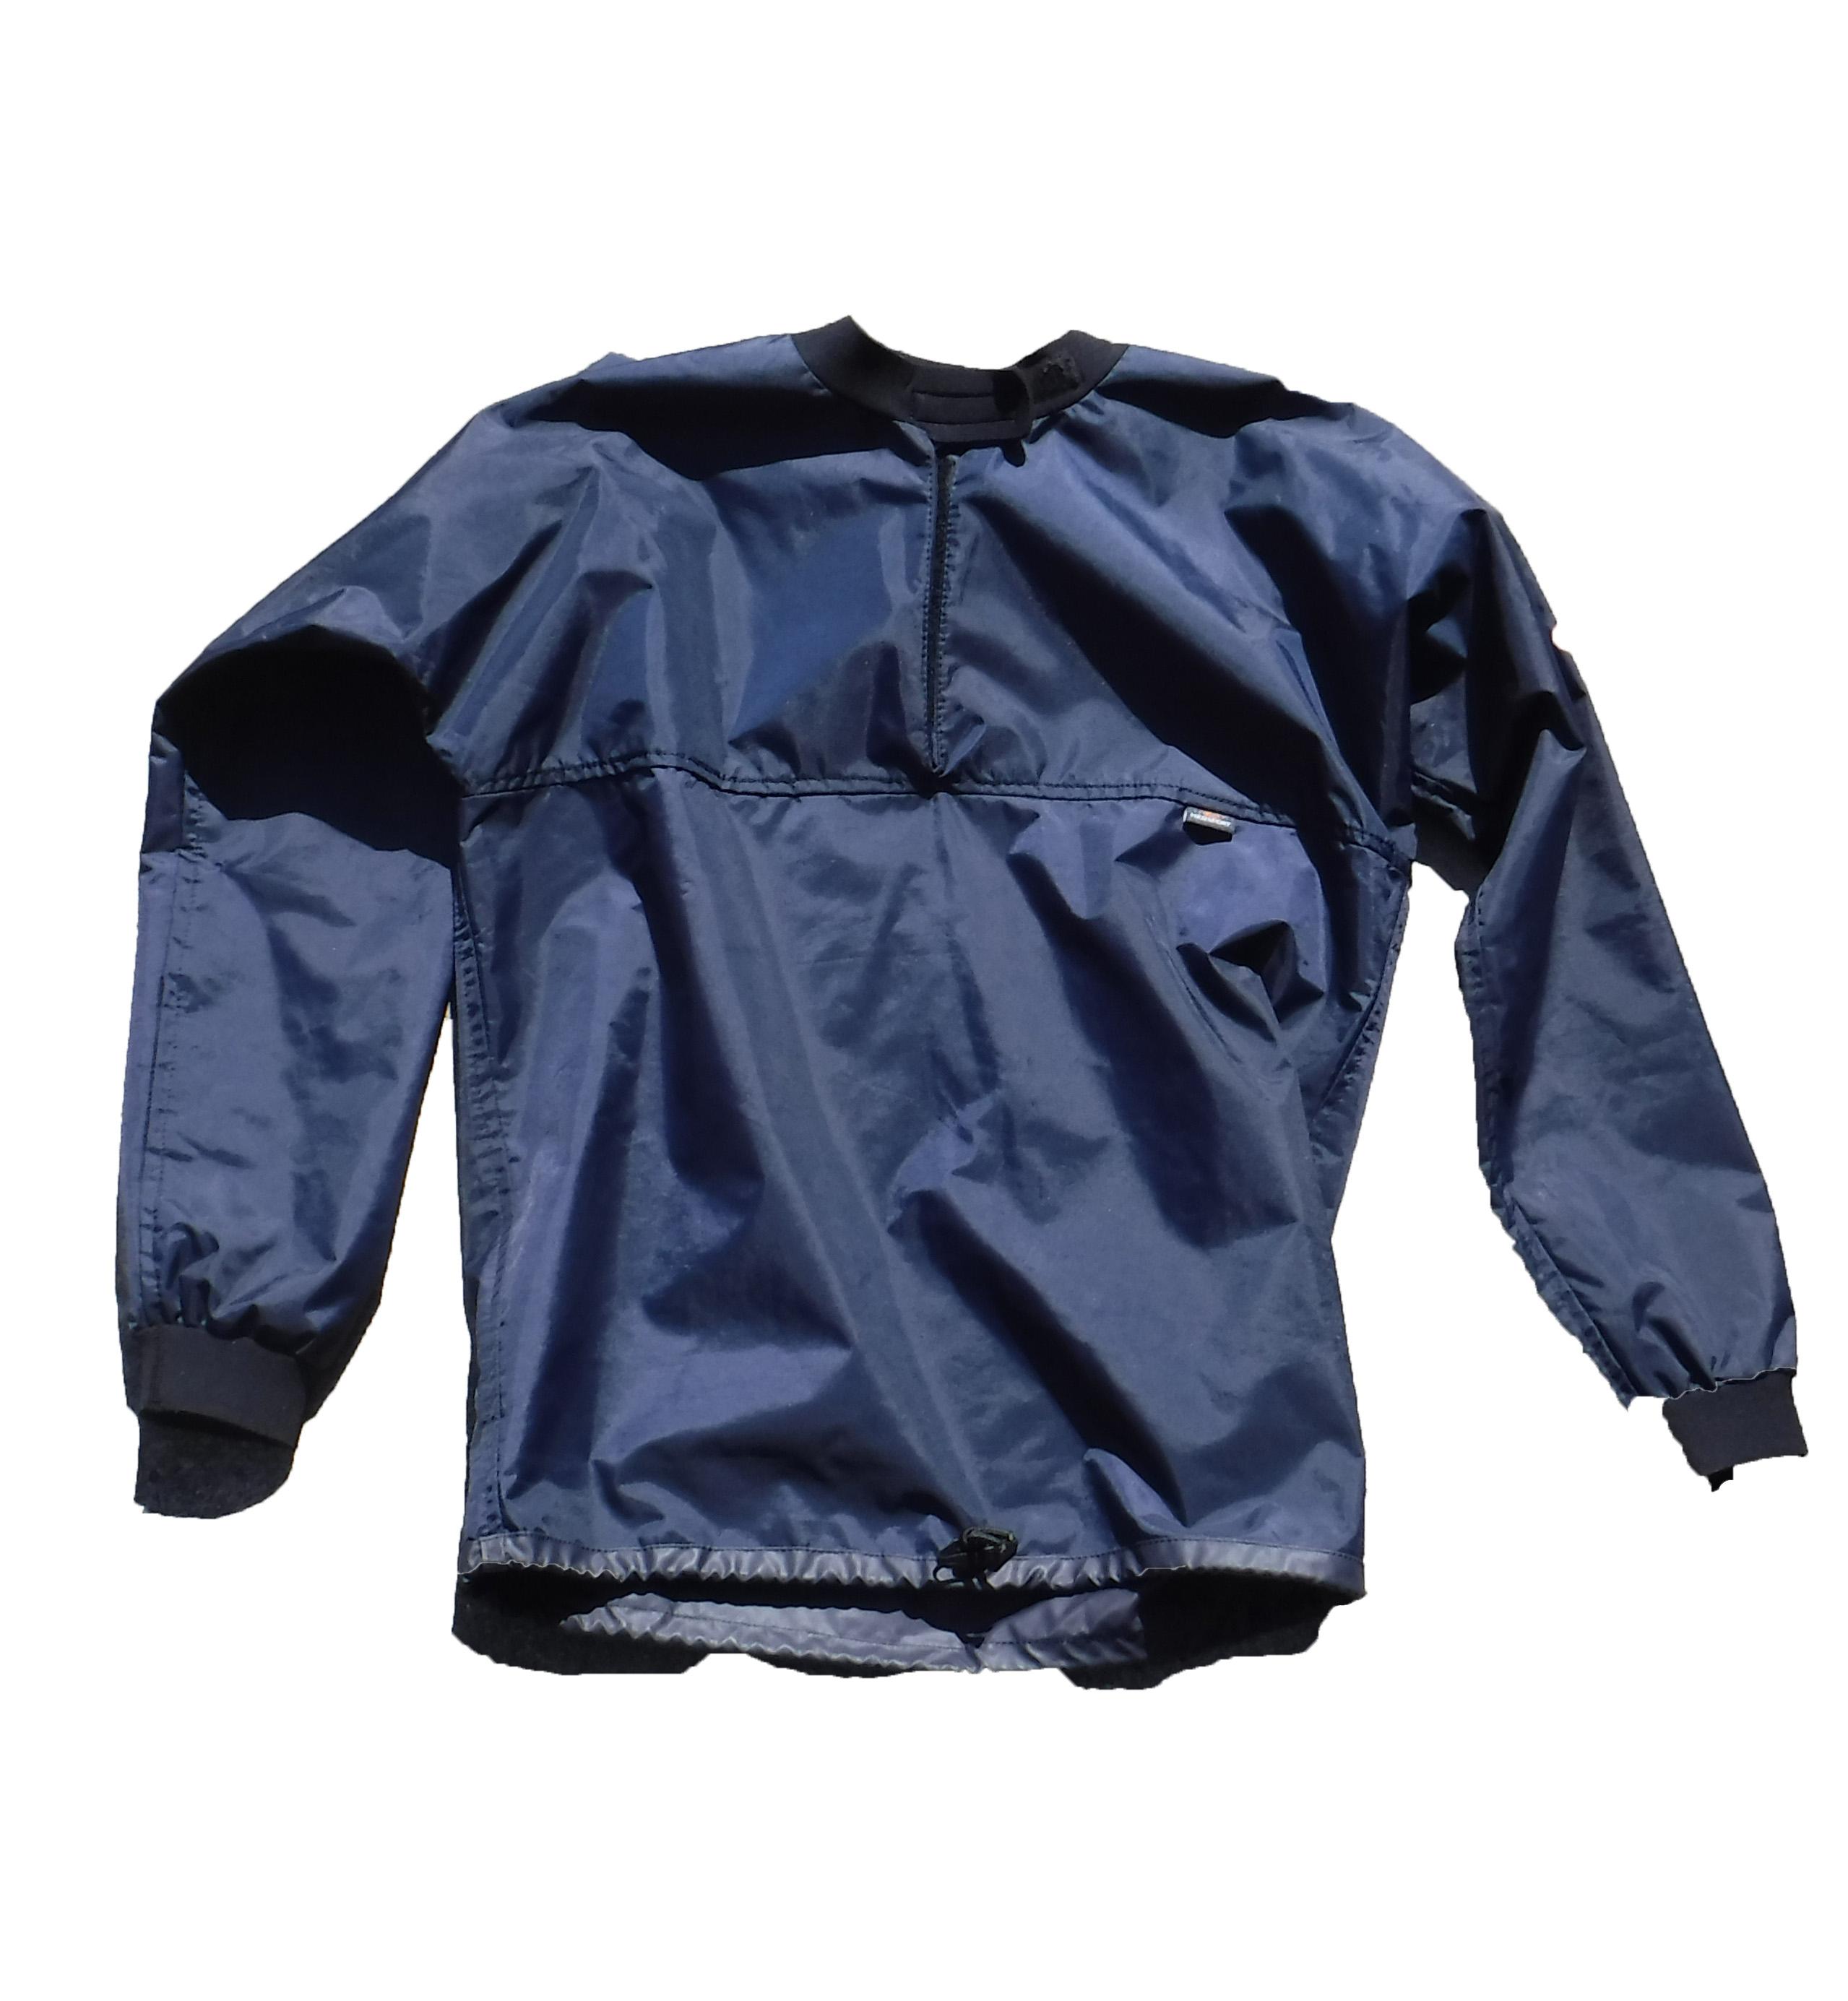 パドリングジャケット